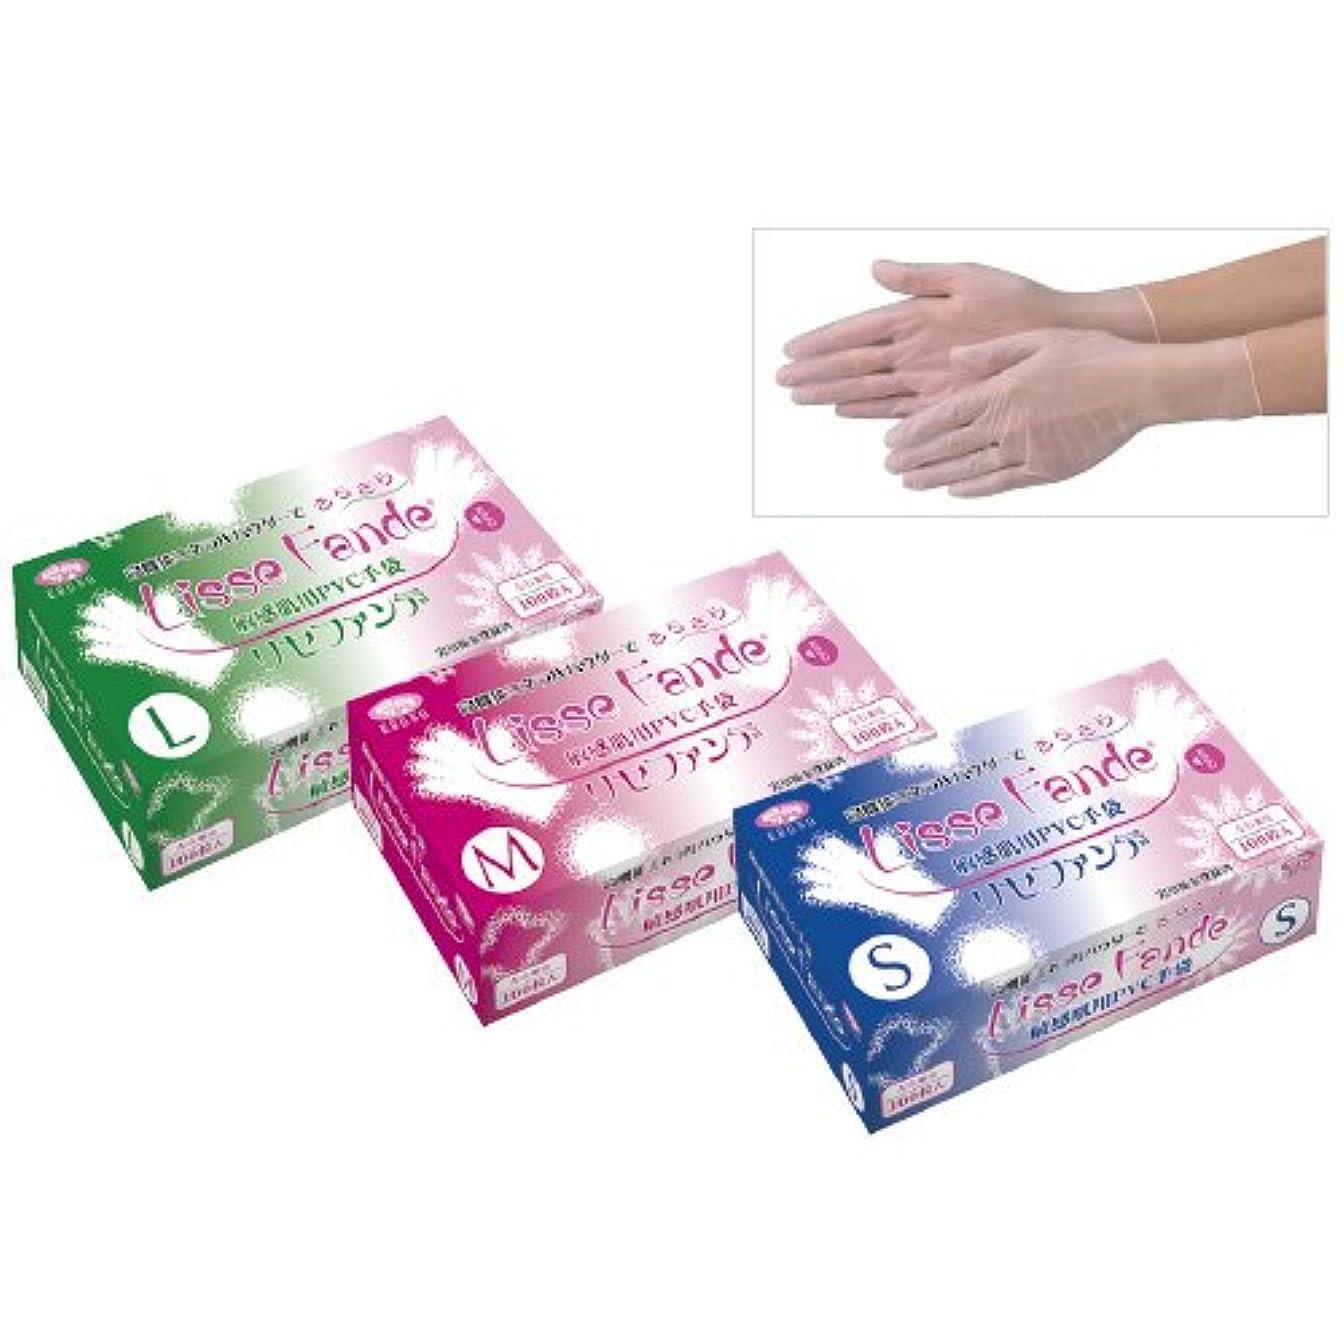 学士運命レビュー敏感肌用PVC手袋リセファンデ 117(L)100???? ??????????PVC??????(24-4373-02)【エブノ】[20箱単位]